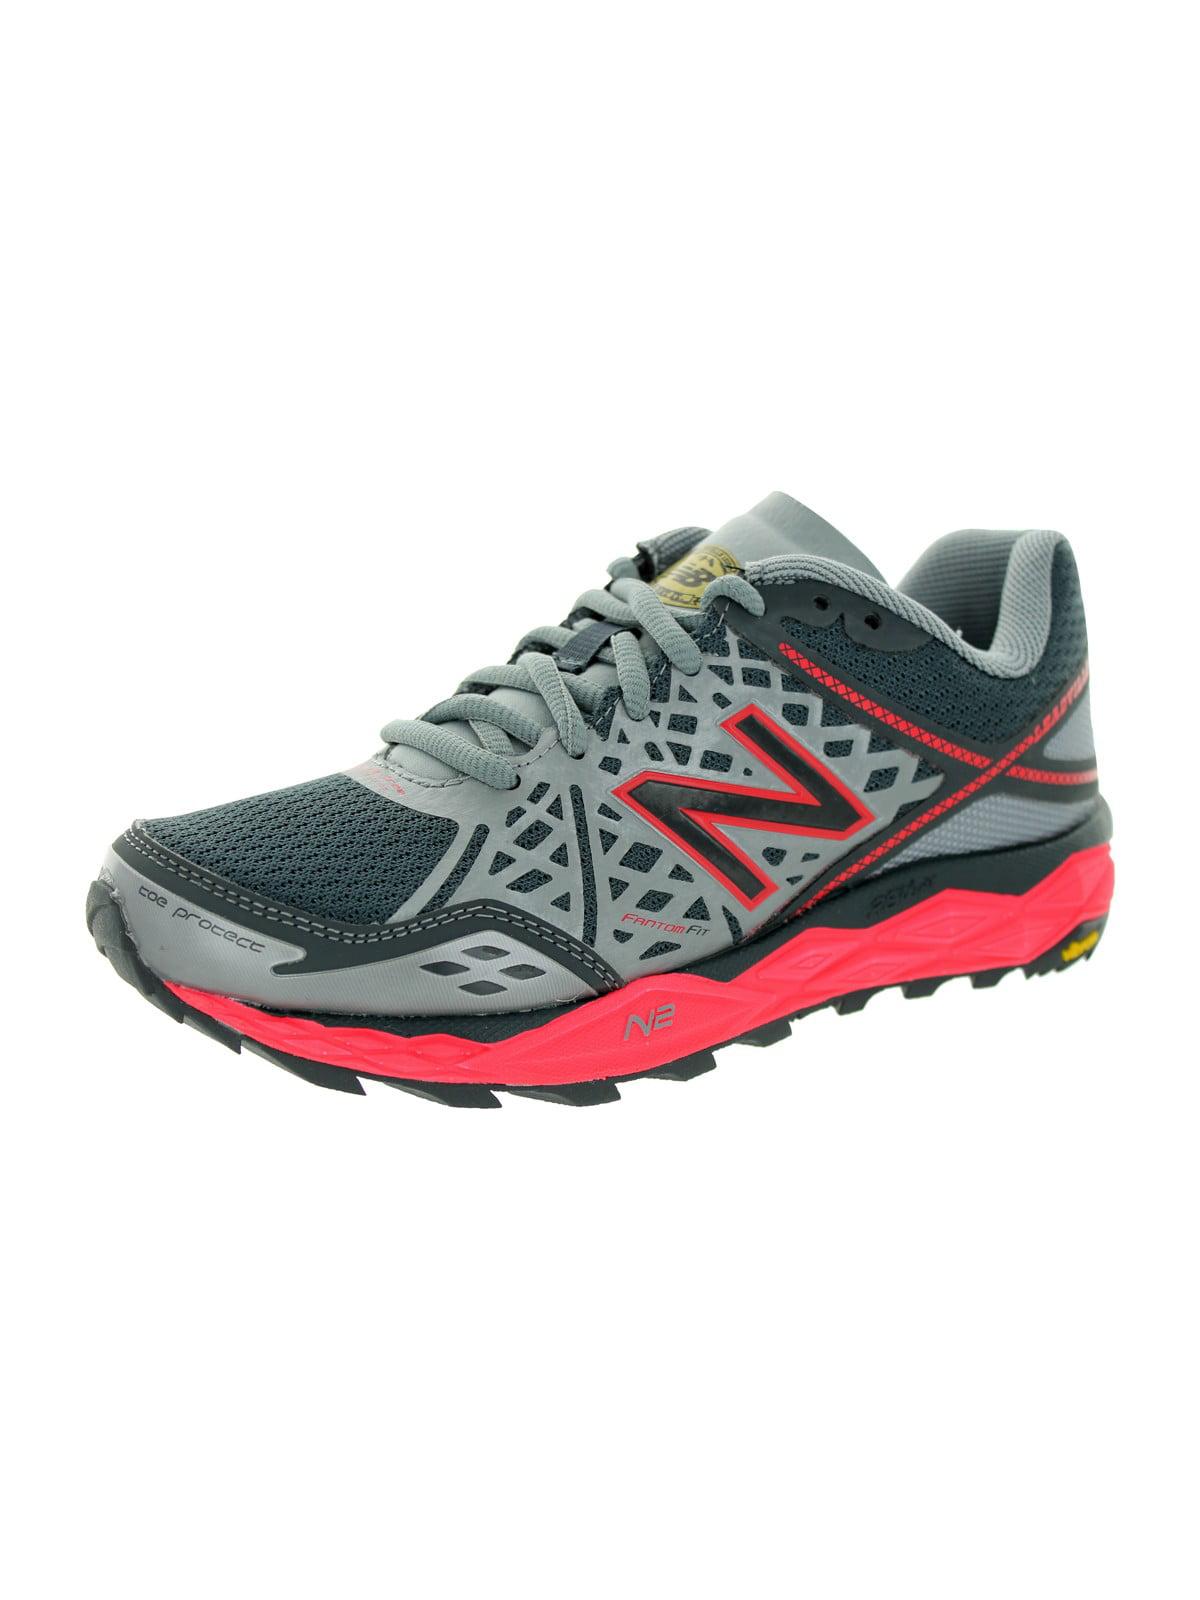 New Balance Women's Leadville 1210v2 Running Shoe